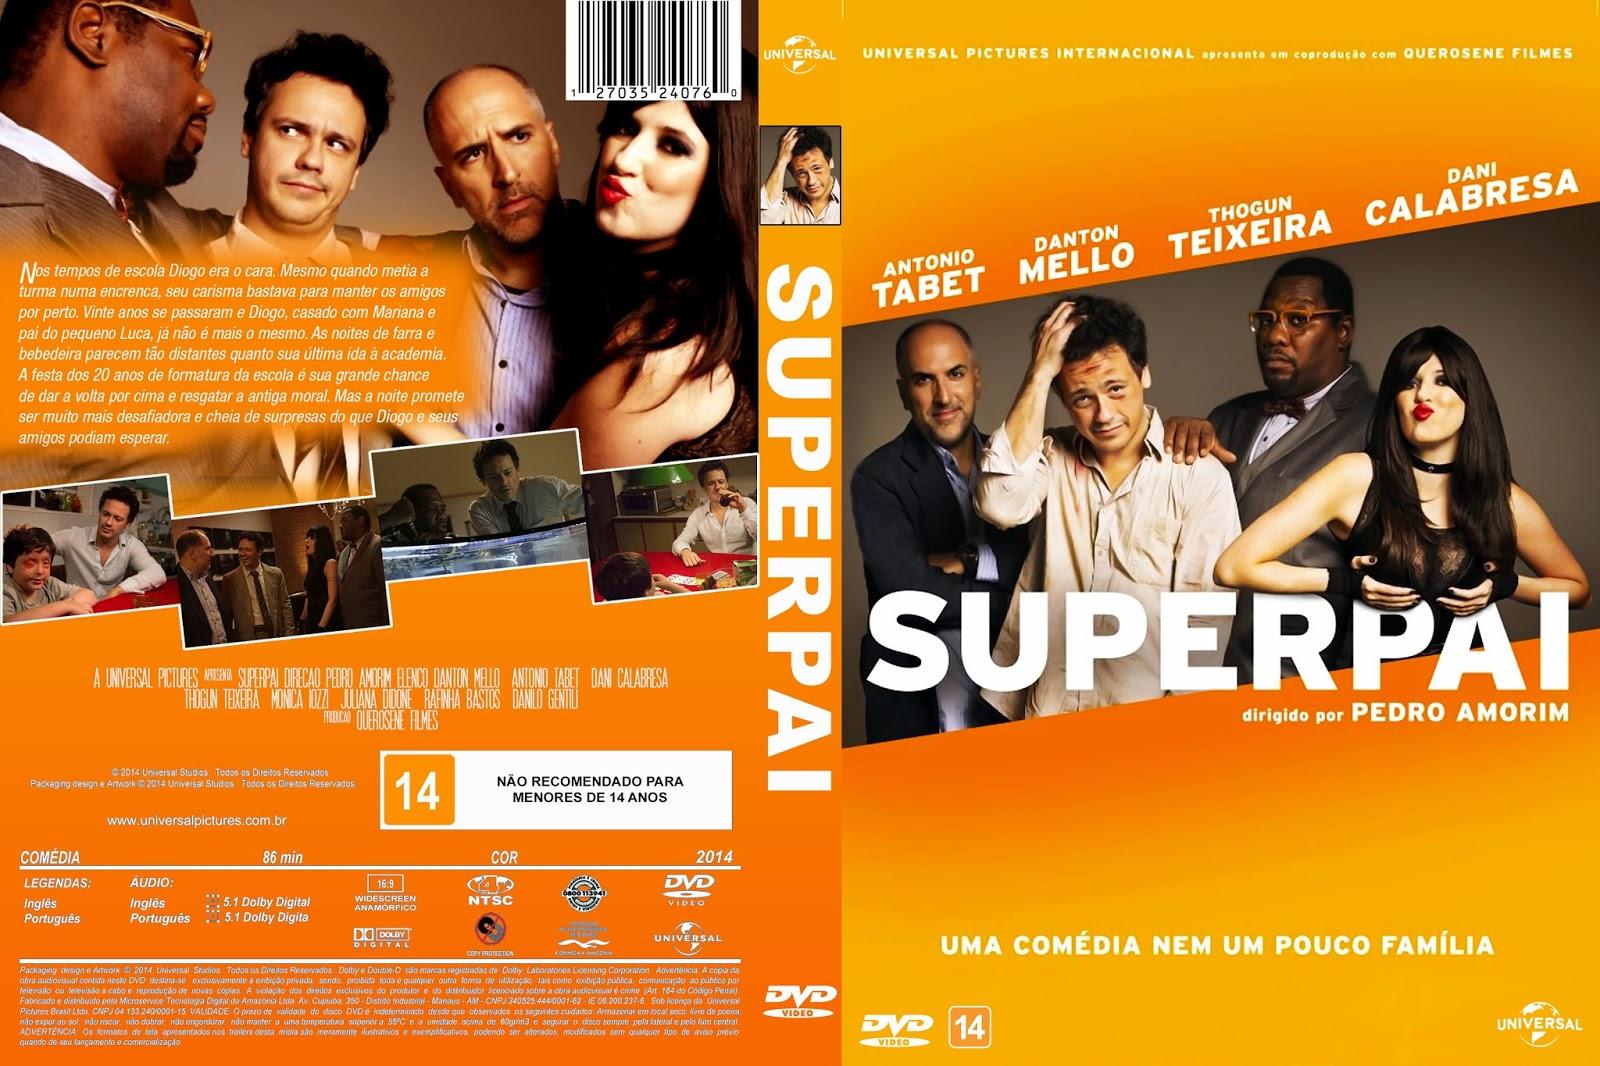 Baixar Superpai DVDRip + DVD-R Superpai